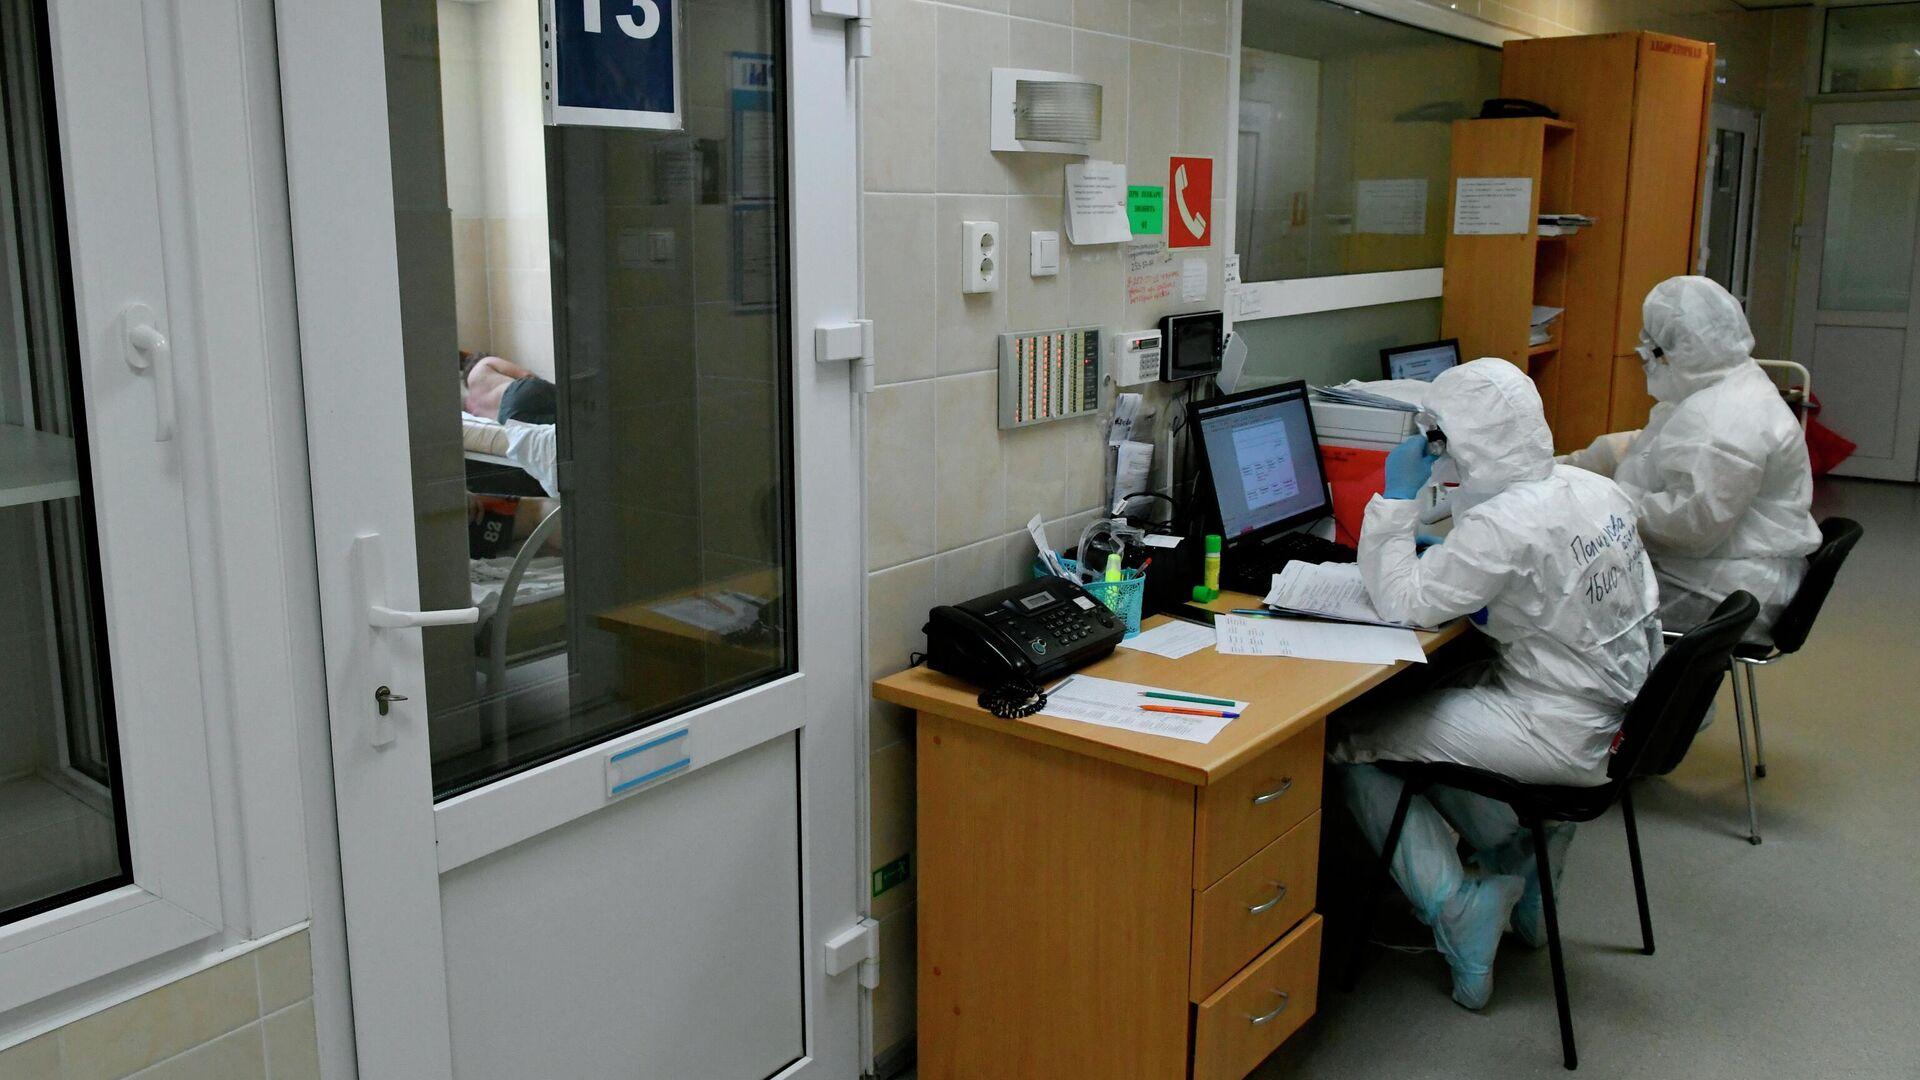 Медики дежурят у палаты в госпитале для лечения больных Covid-19 в Краснодаре - РИА Новости, 1920, 09.07.2021